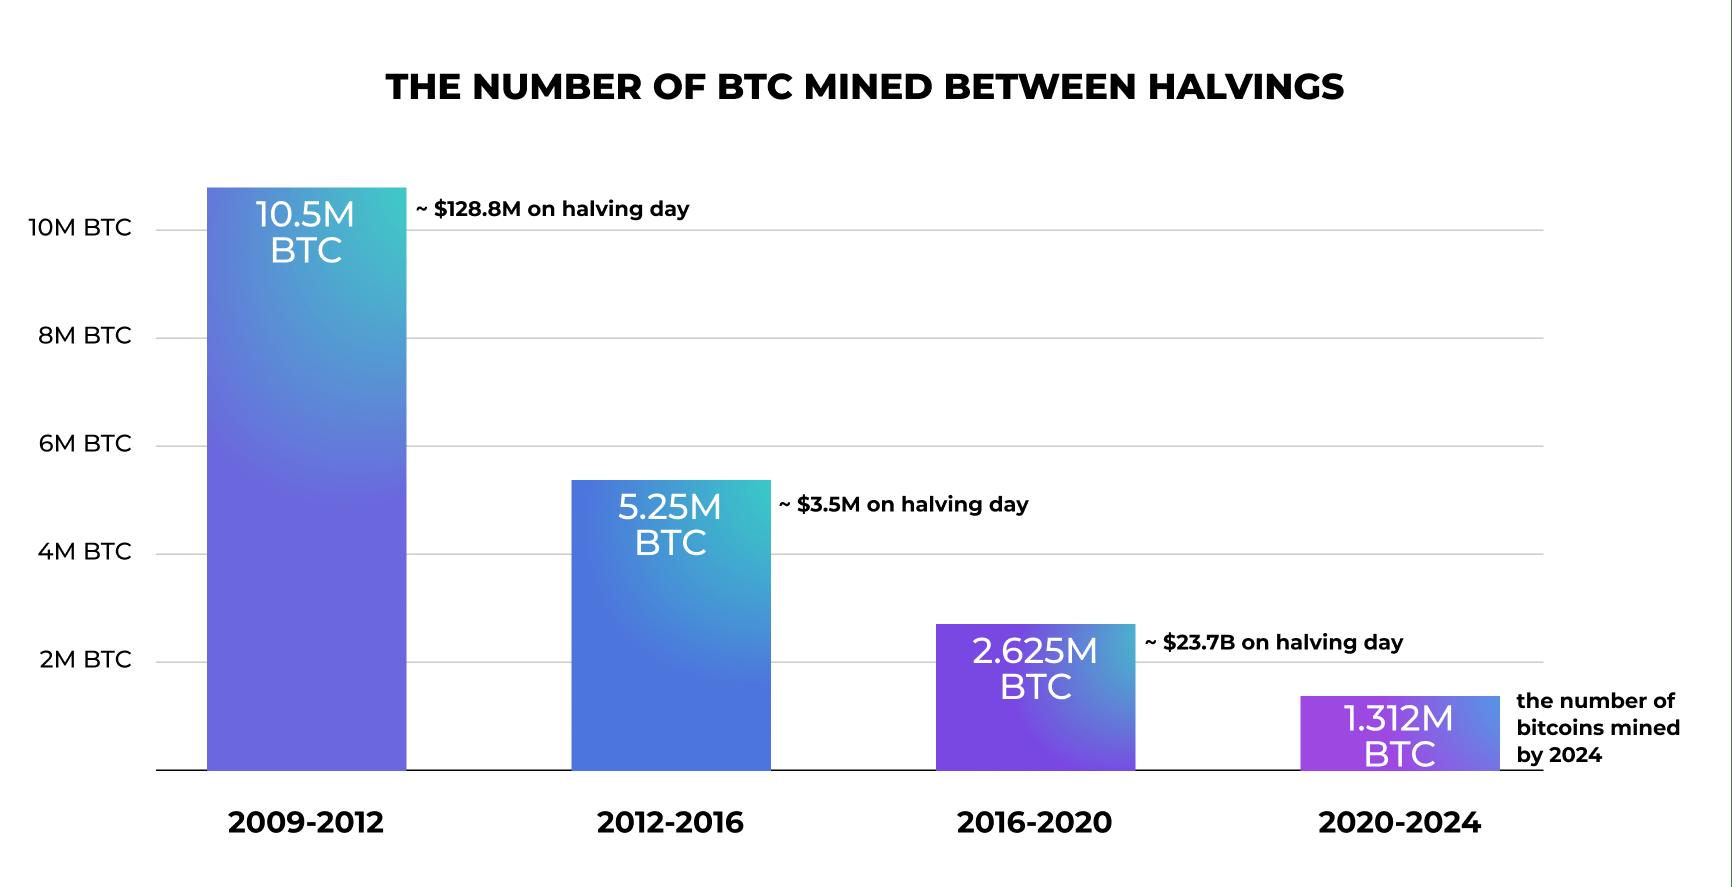 BTC mined